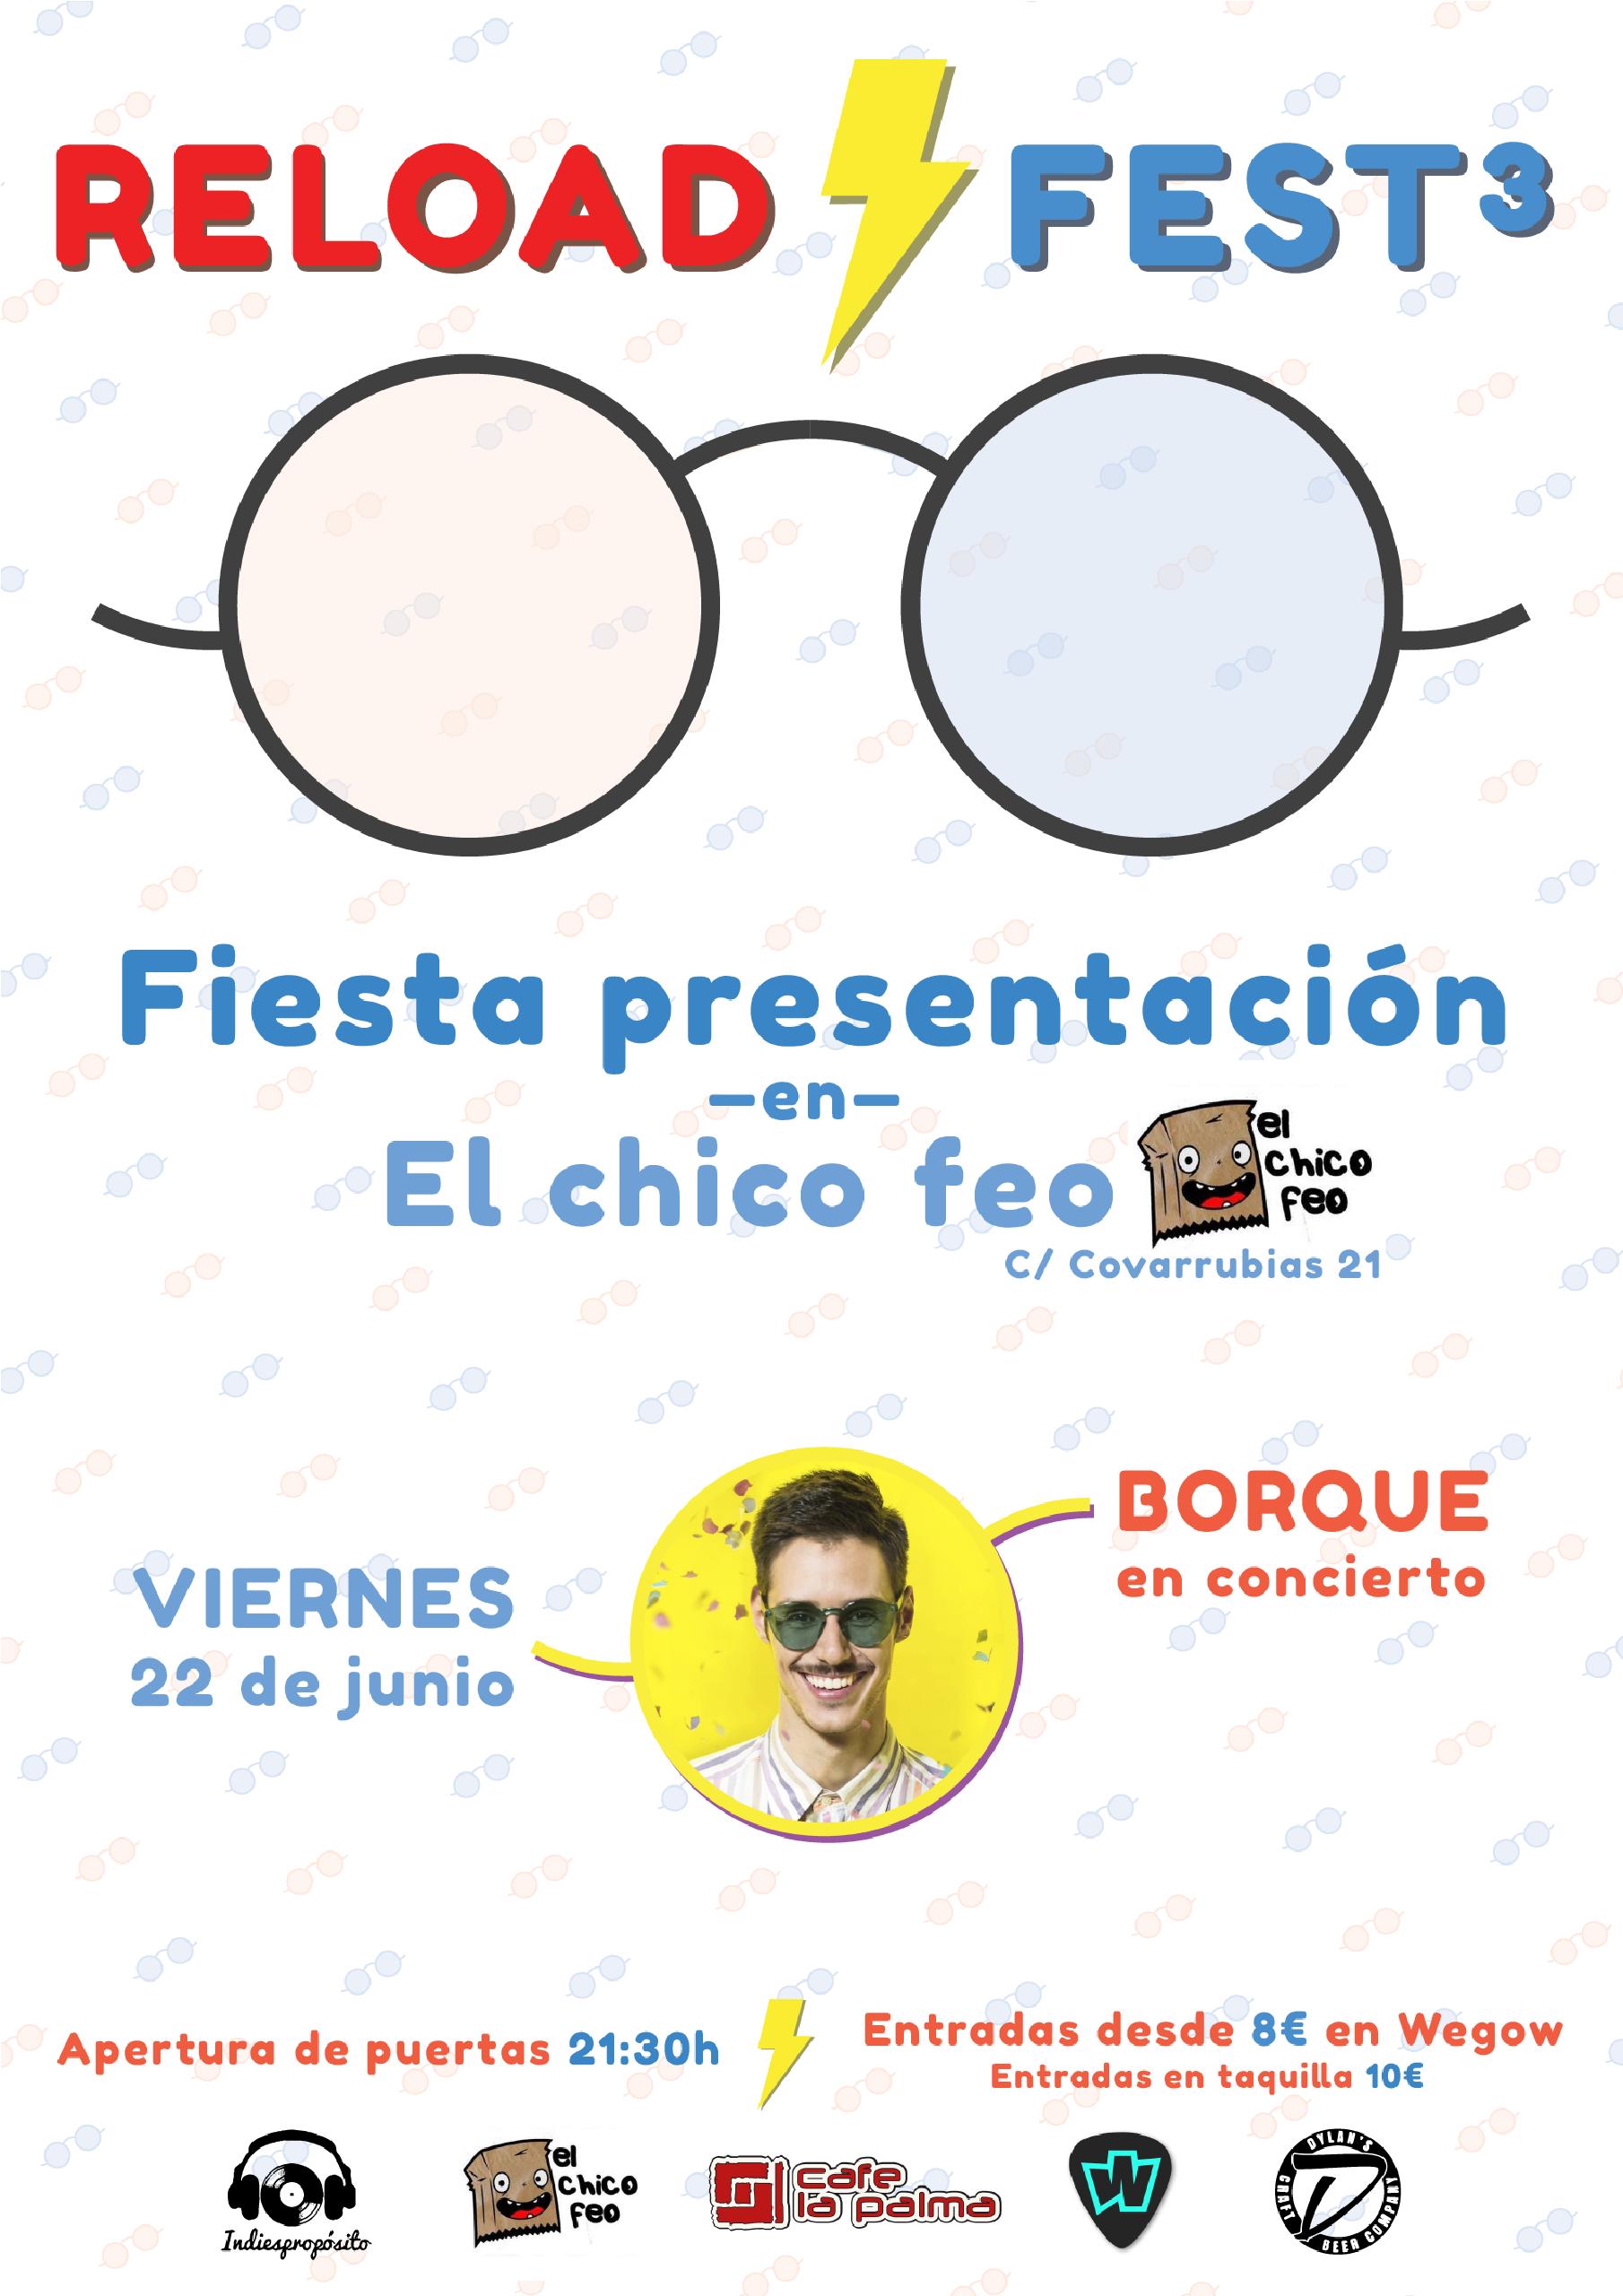 Borque Fiesta Reload Fest